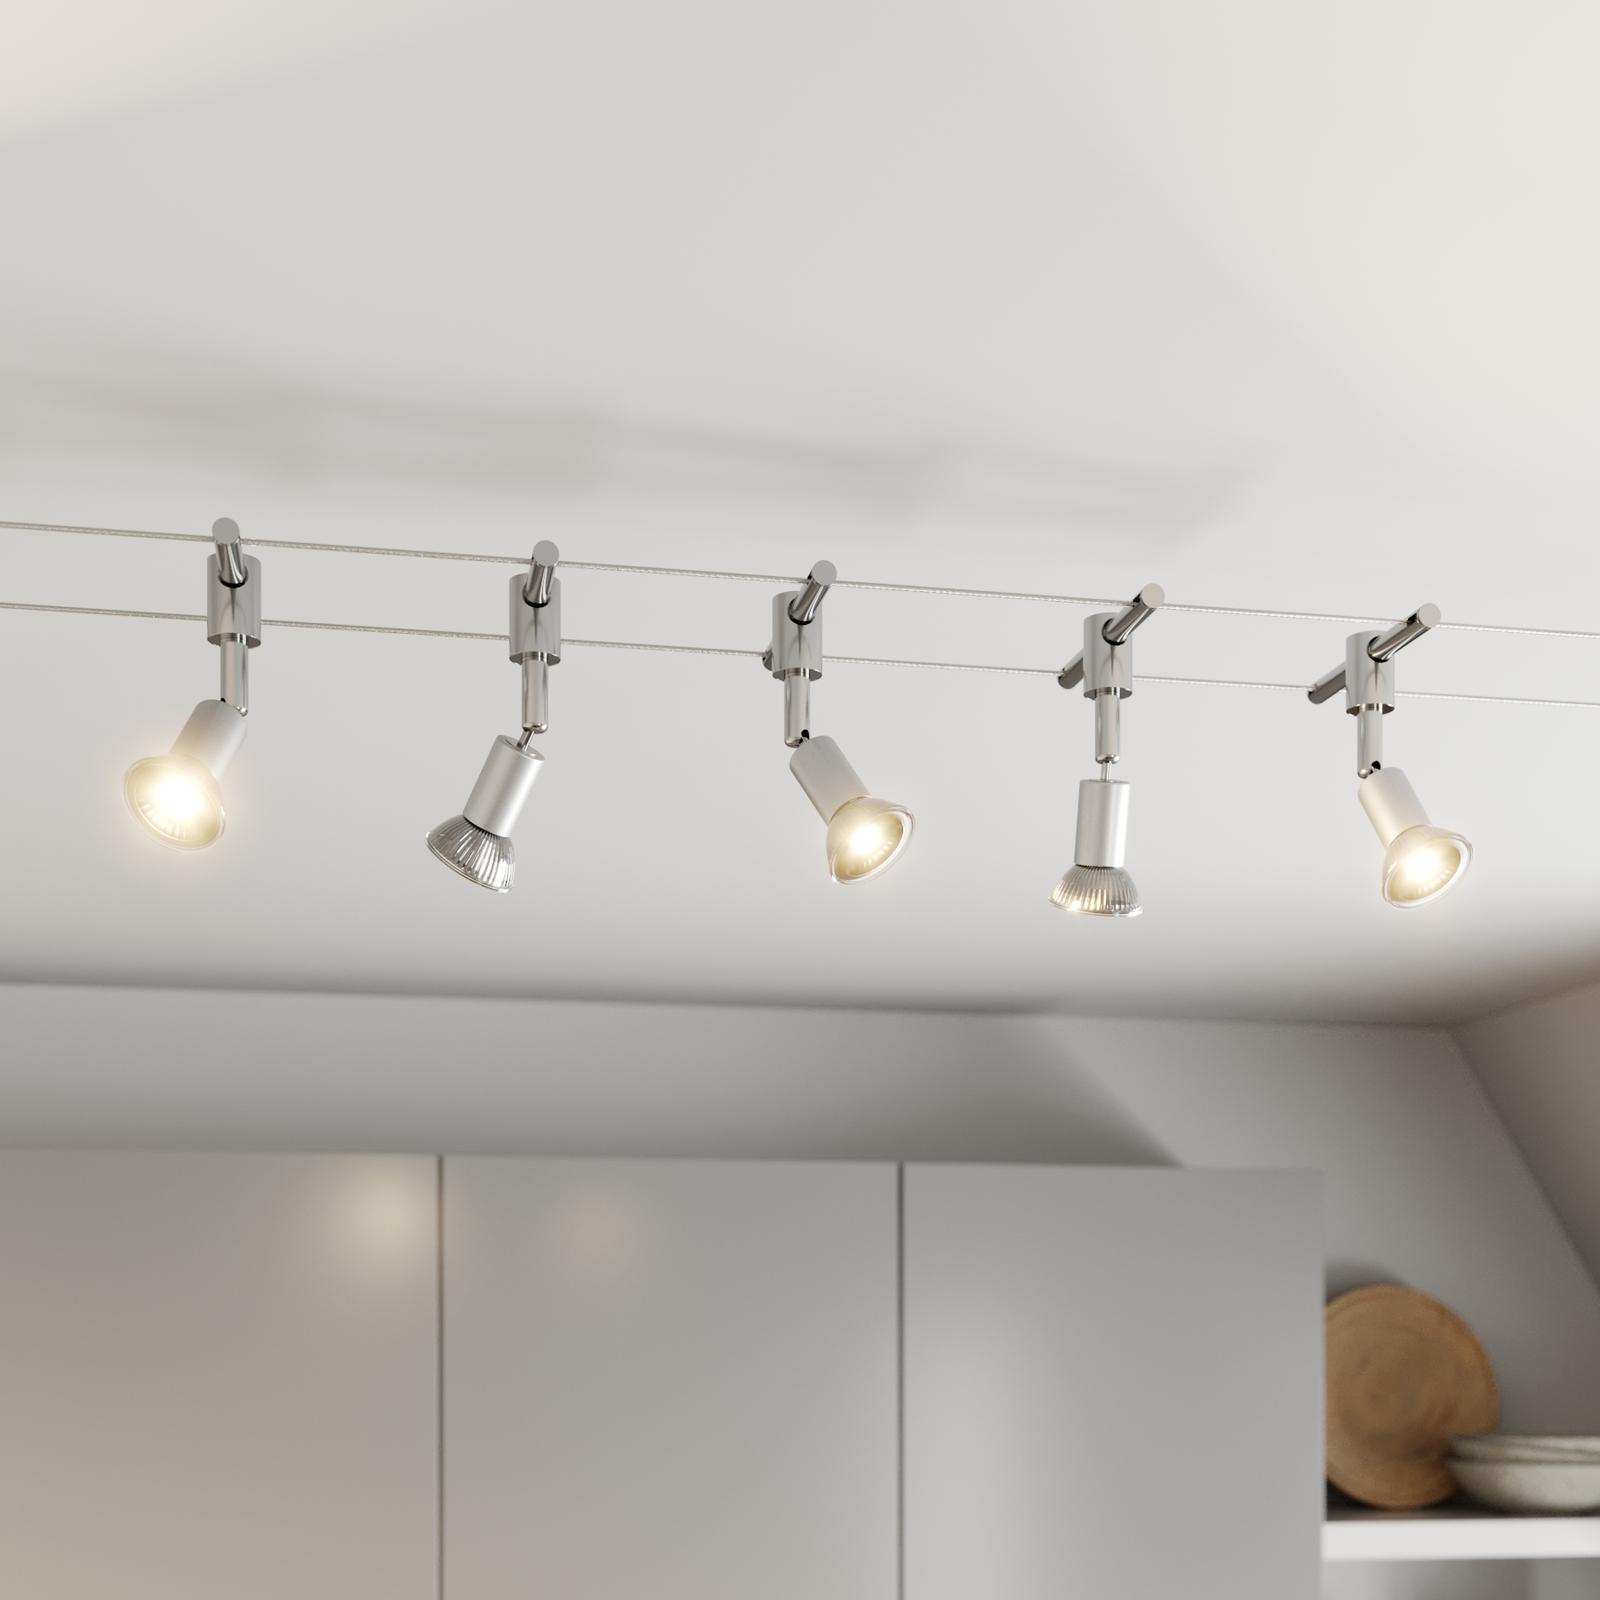 Vaiersystem Rope med LED-spotlight, 5 lyskilder